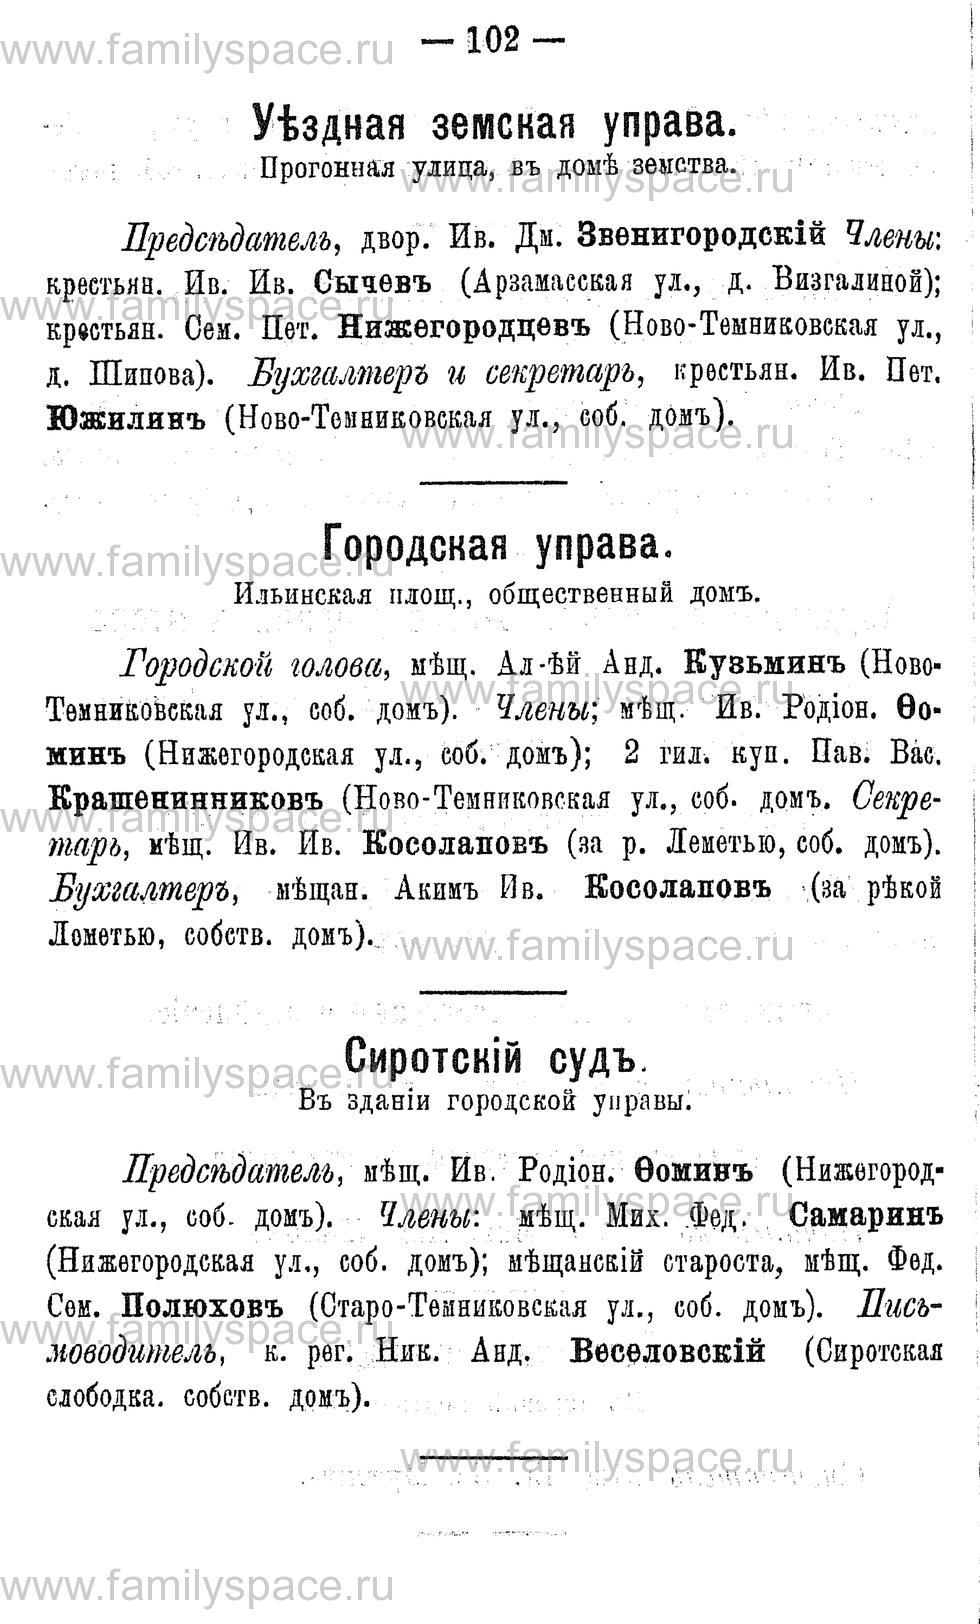 Поиск по фамилии - Адрес-календарь Нижегородской губернии на 1891 год, страница 102